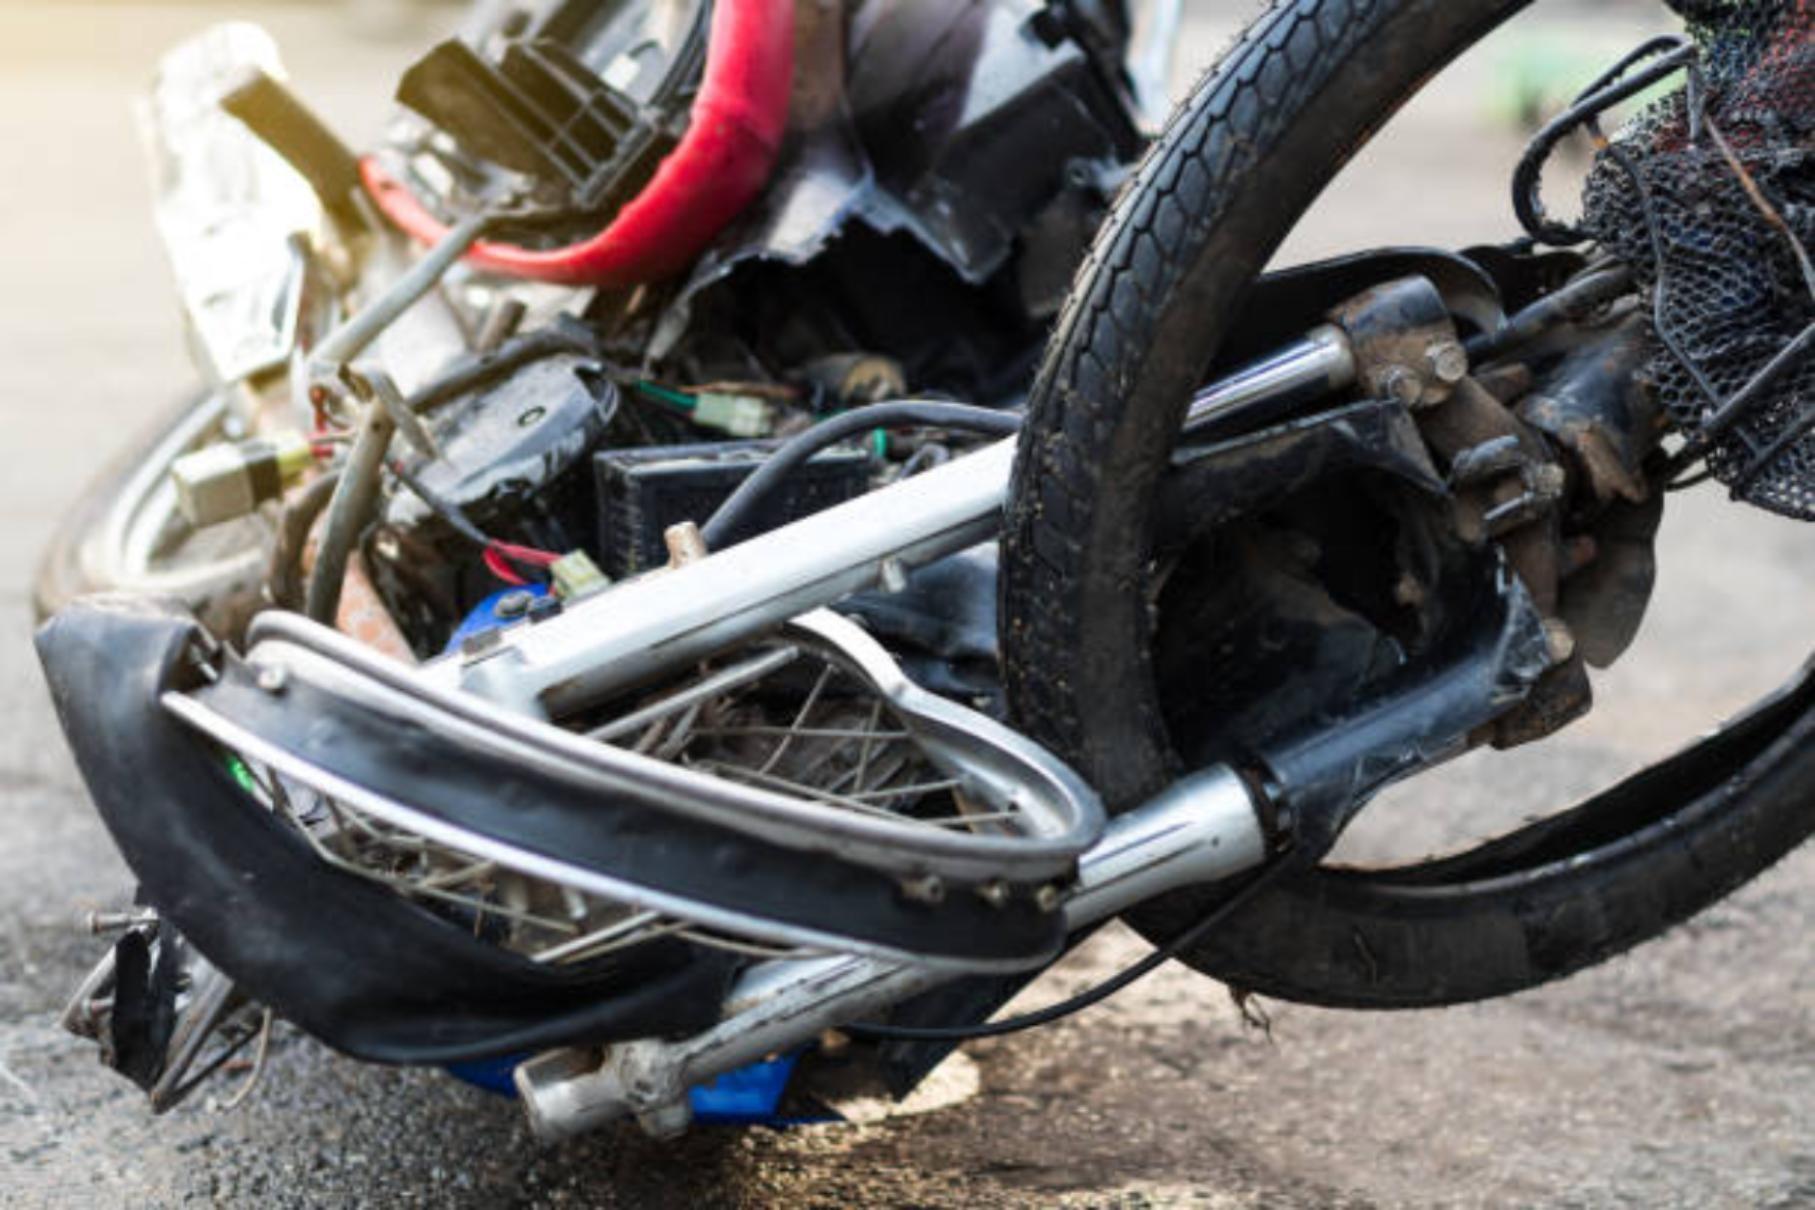 В Поморье пьяный мотоциклист сбил шестилетнюю девочку